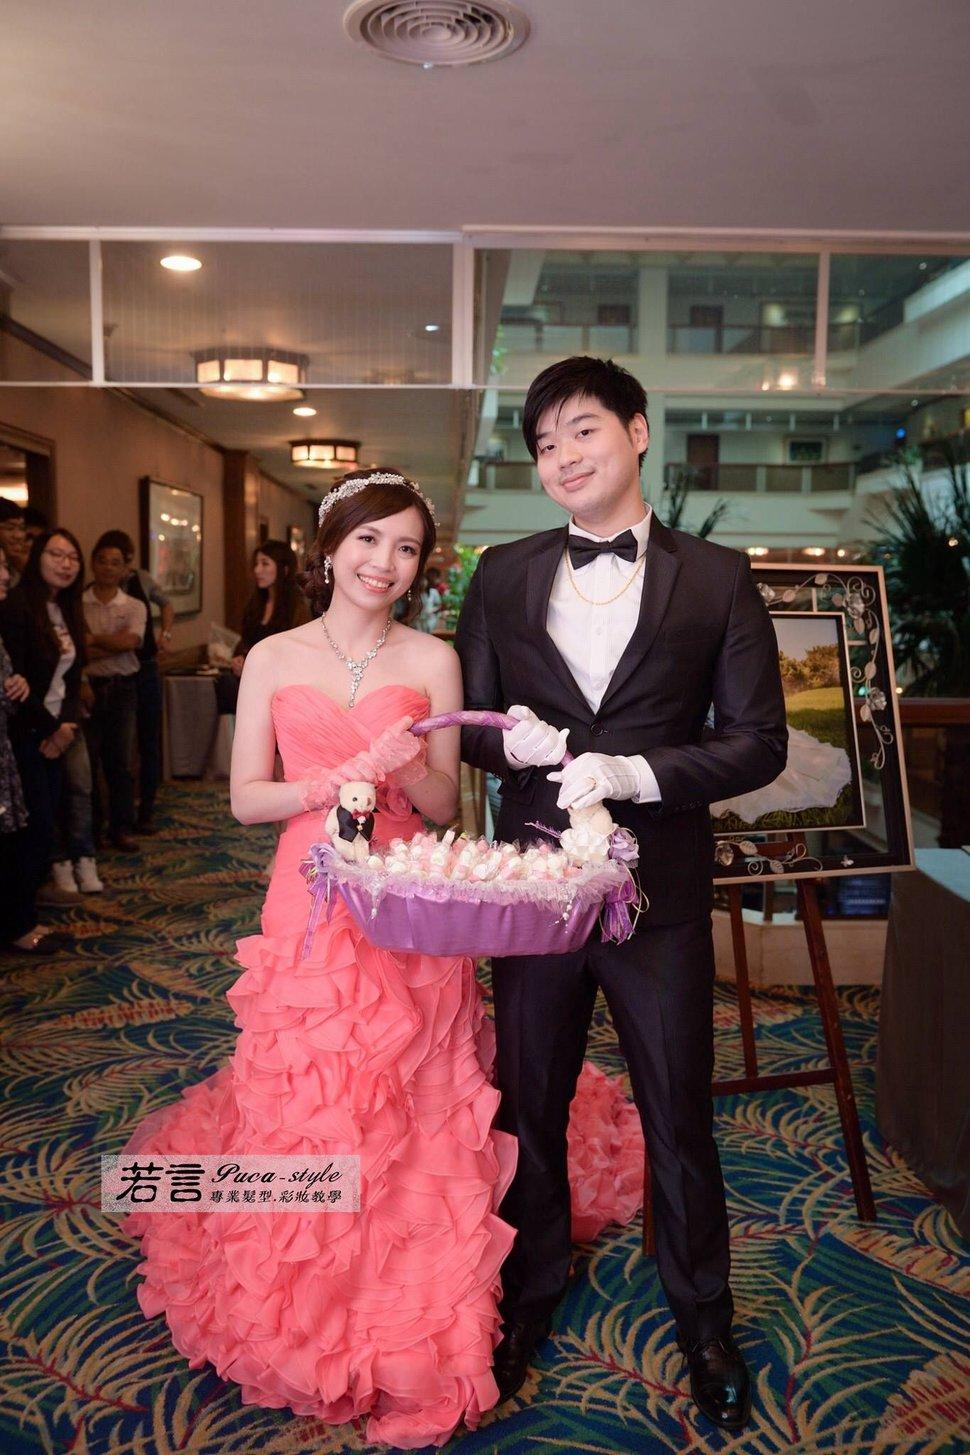 南臺灣新娘秘書韓式(噴槍)新秘團隊(編號:507540) - 若言新娘秘書韓式妝髮 - 結婚吧